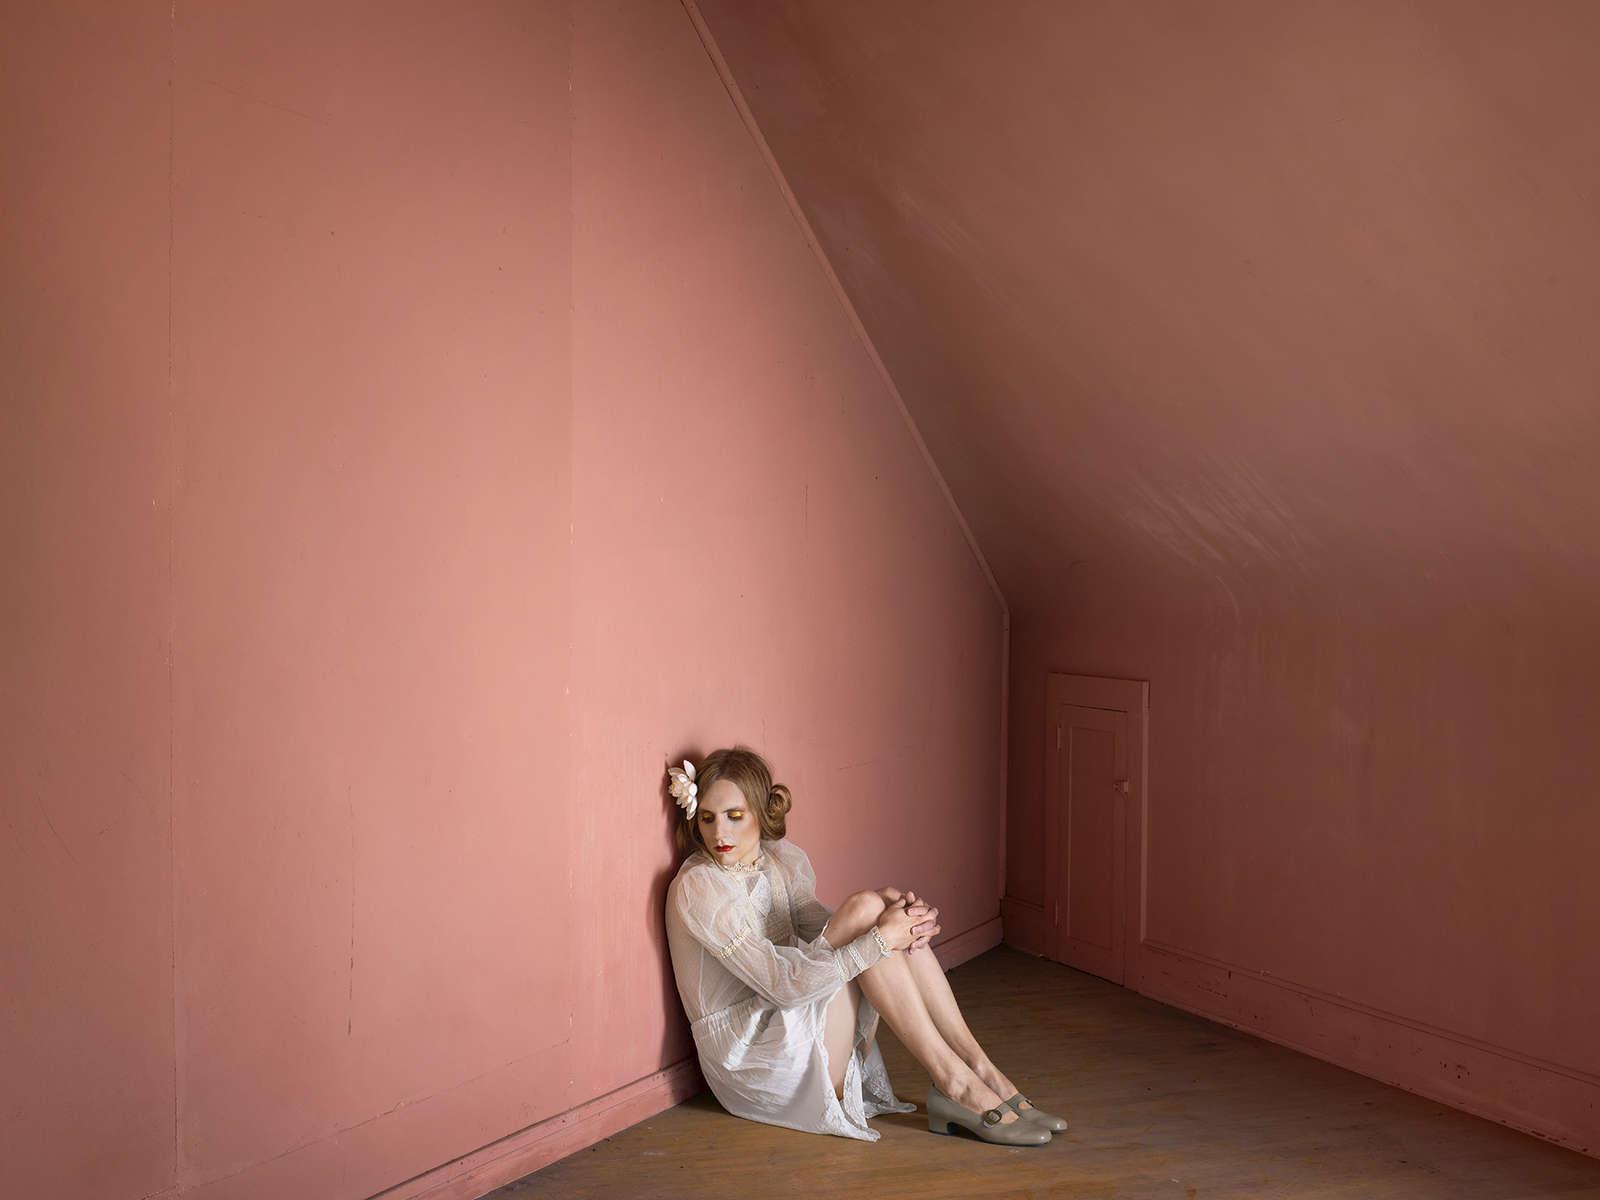 Pink-Room----Lissa-Rivera---30-x-22-5